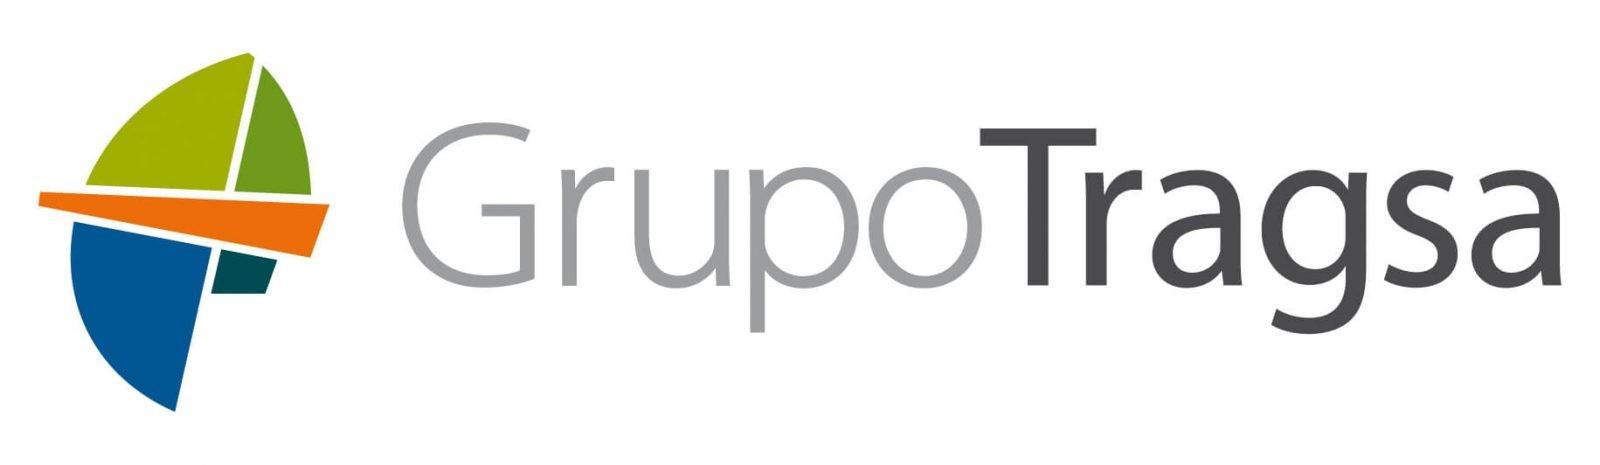 GrupoTragsa RGB - Sección logos